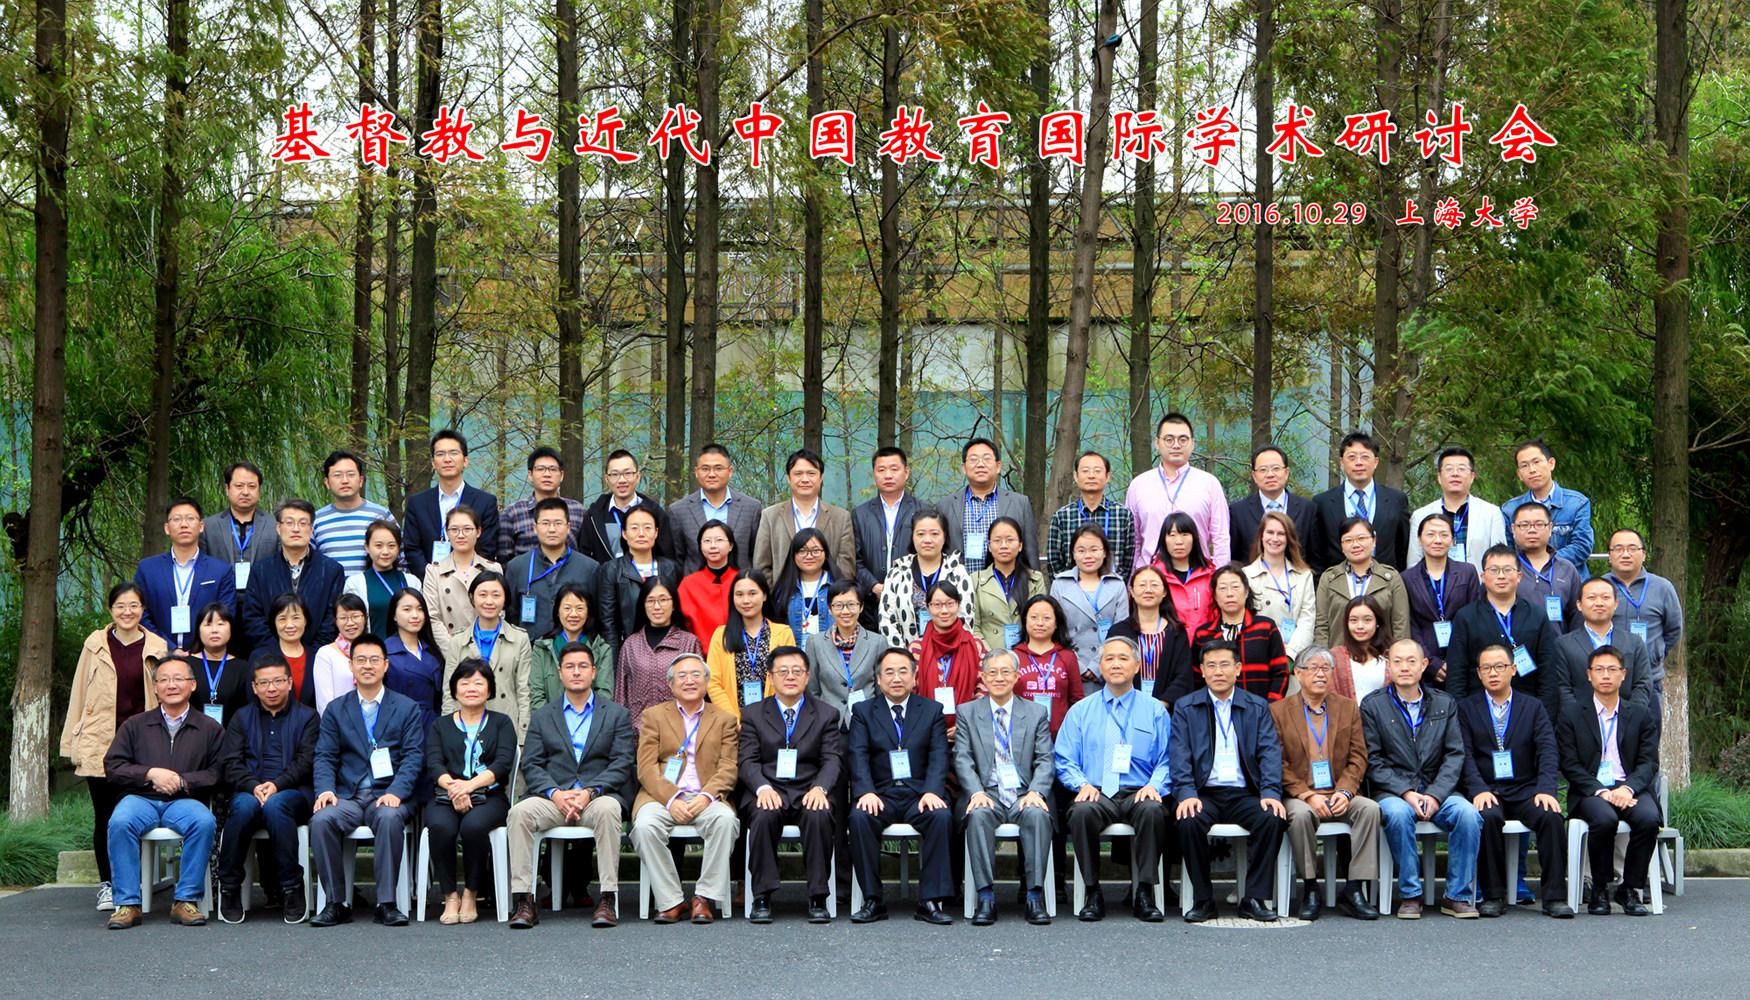 2016.10.29:基督教与近代中国教育